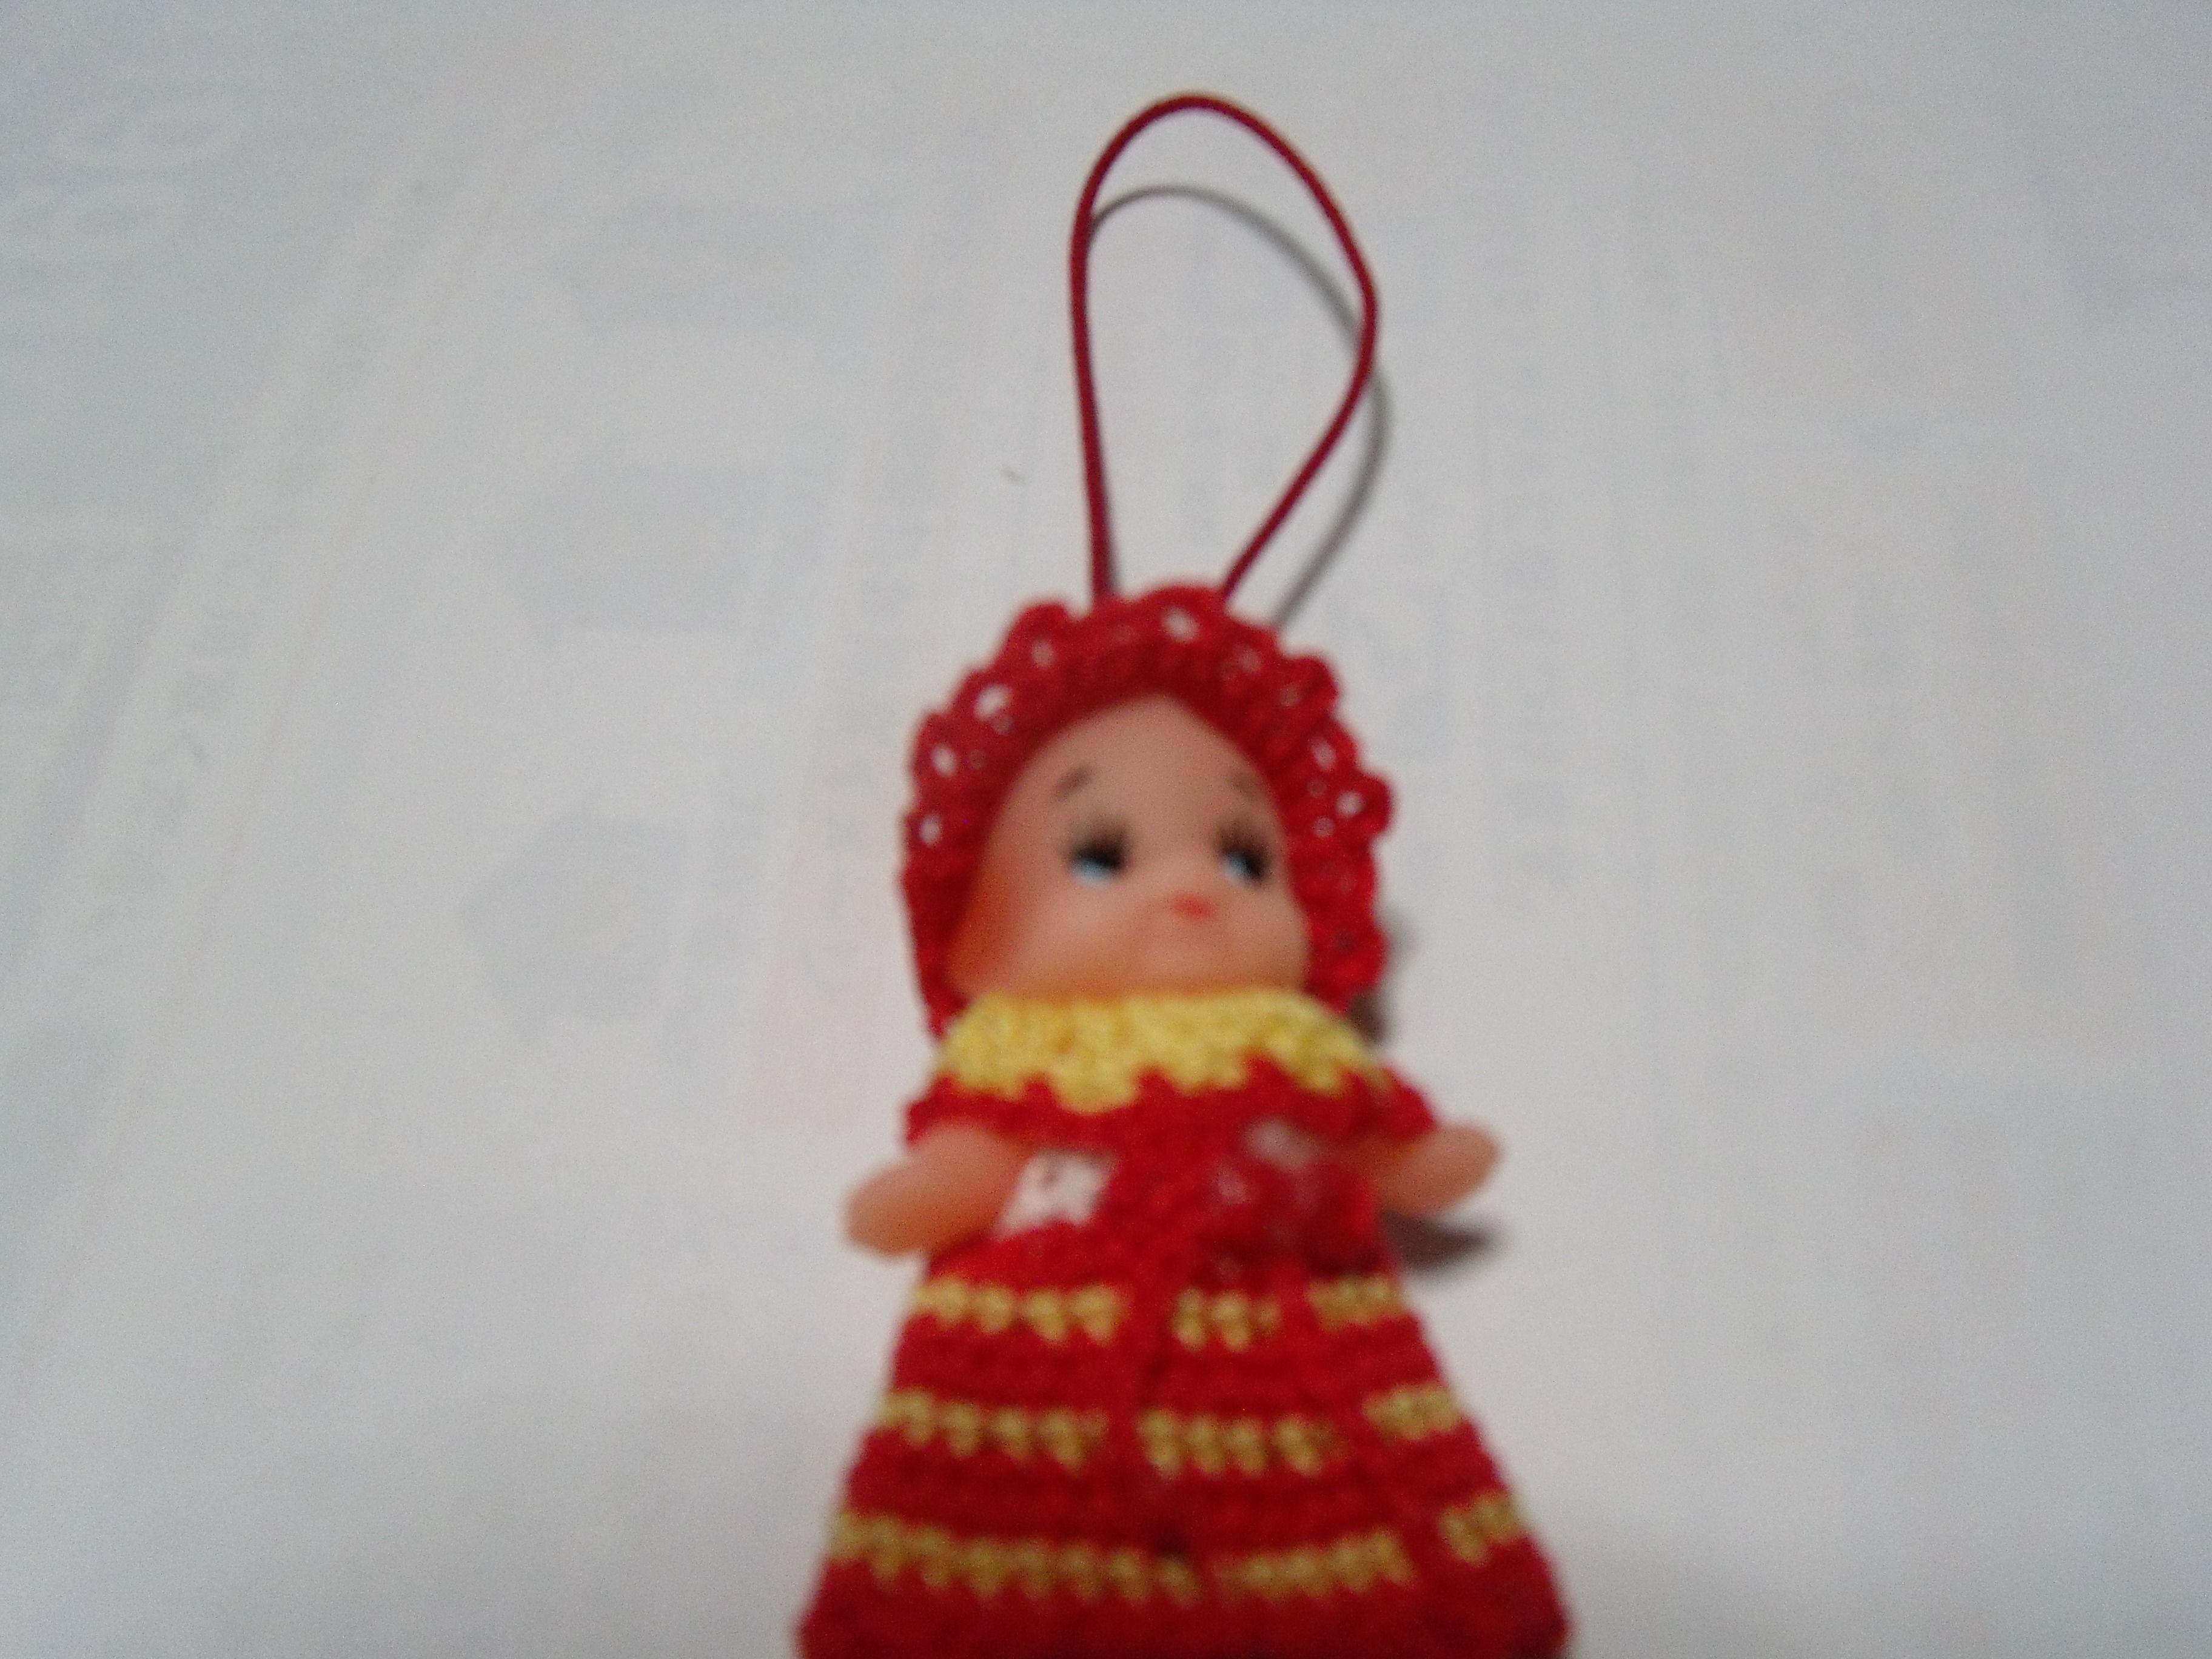 キューピー人形(赤黄)